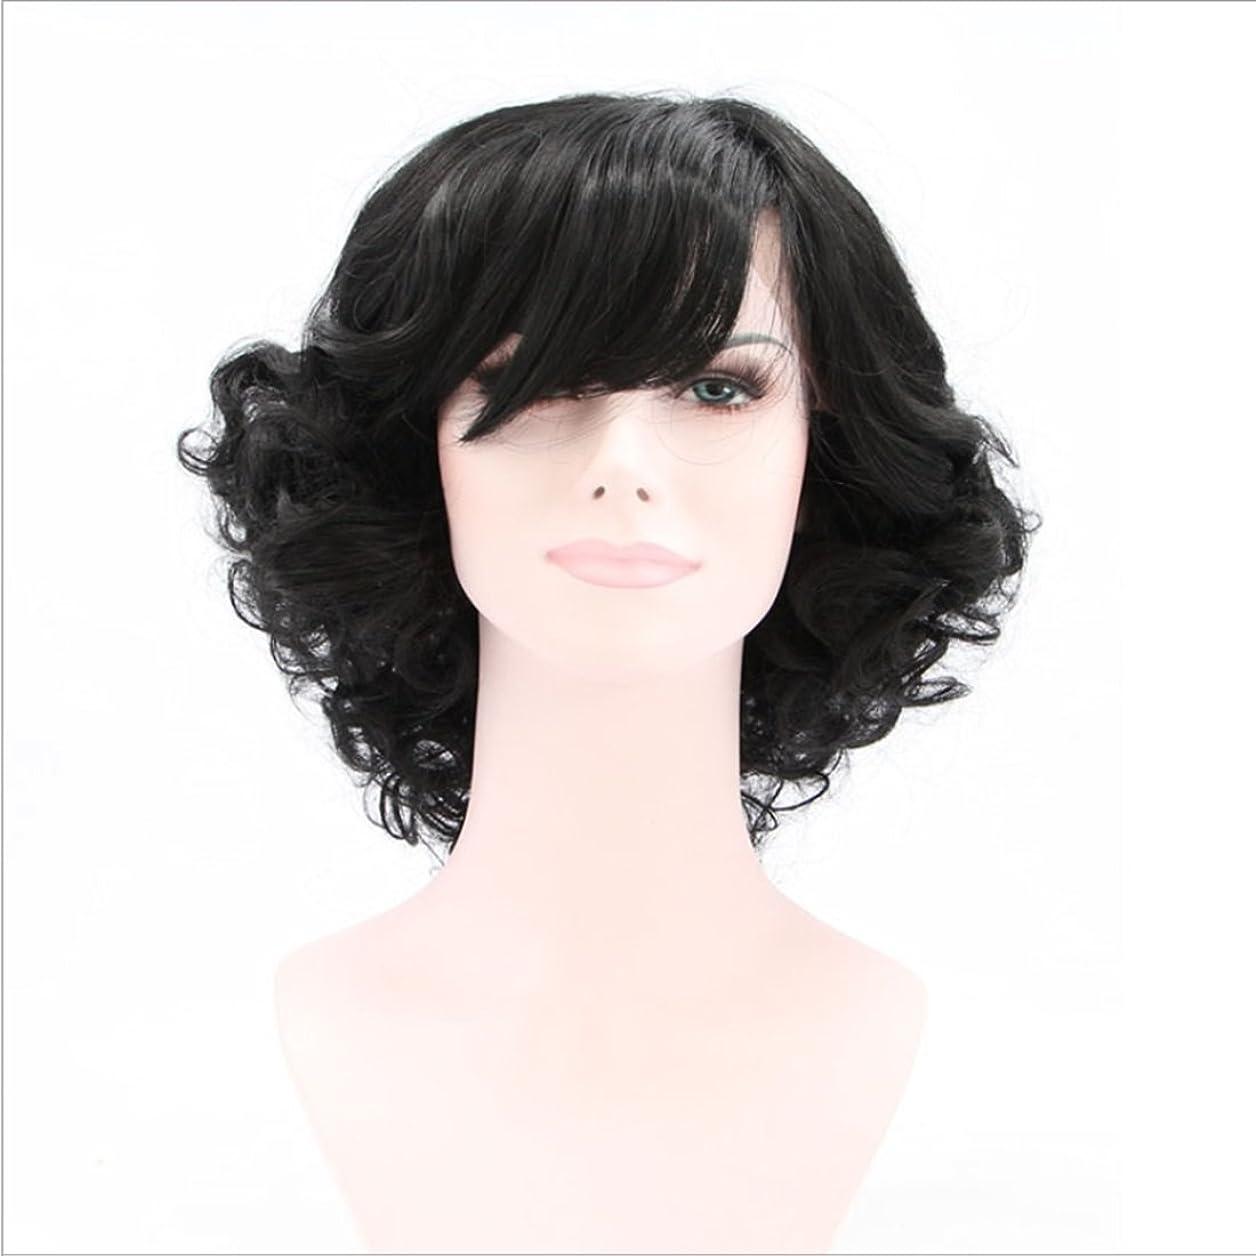 関係する勝利した硫黄Doyvanntgo 女性のための短いカーリーウィッグ高温シルクのフロント斜めバングの合成毛のフロントフルハウス織りのための自然な黒のかつらカーリーヘア (Color : ブラック)